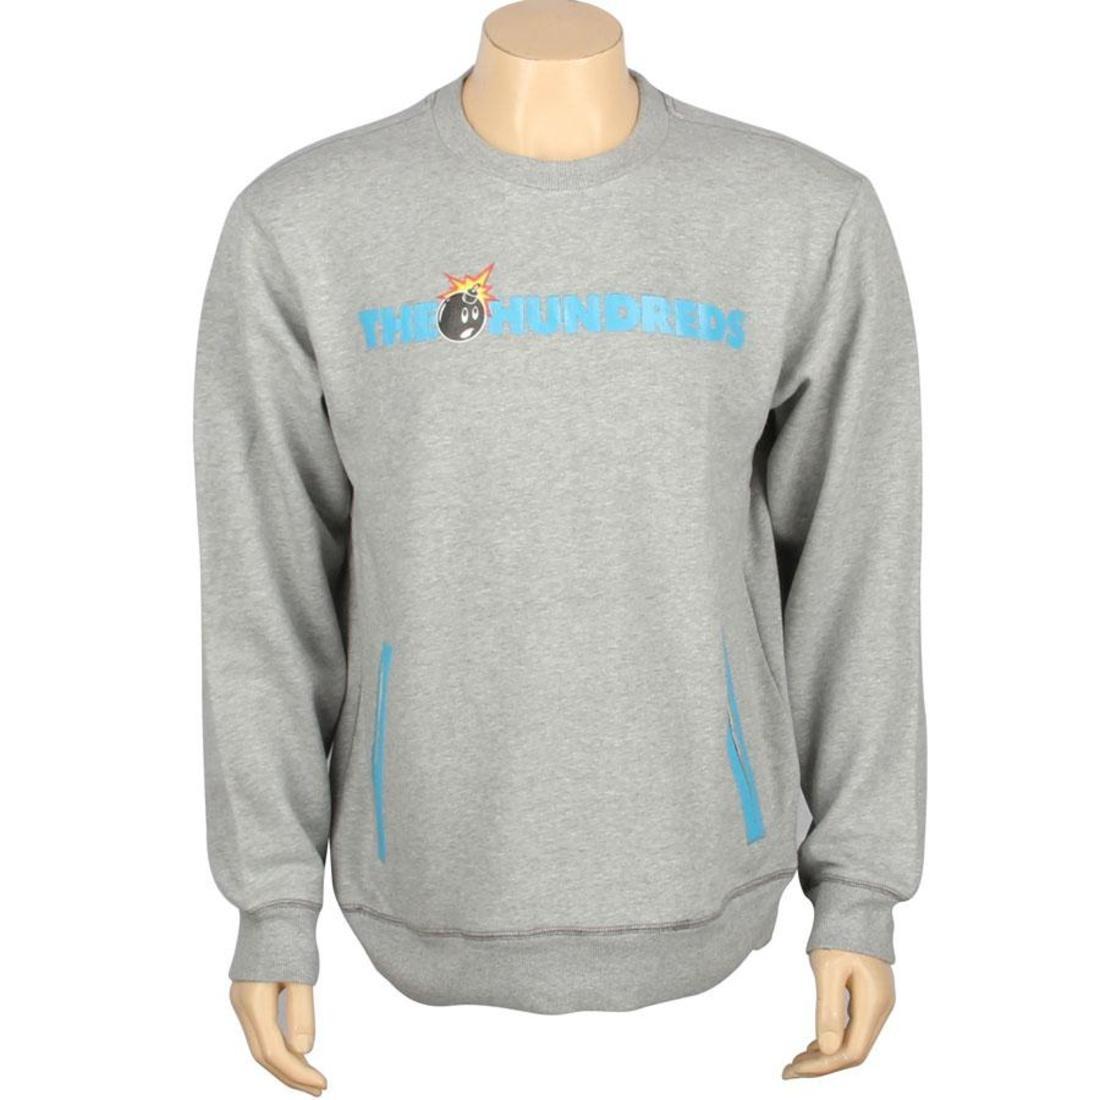 【スーパーセール中! 6/11深夜2時迄】メンズファッション トップス Tシャツ カットソー メンズ 【 The Hundreds Roo Crewneck (heather Grey) 】 Heather Grey